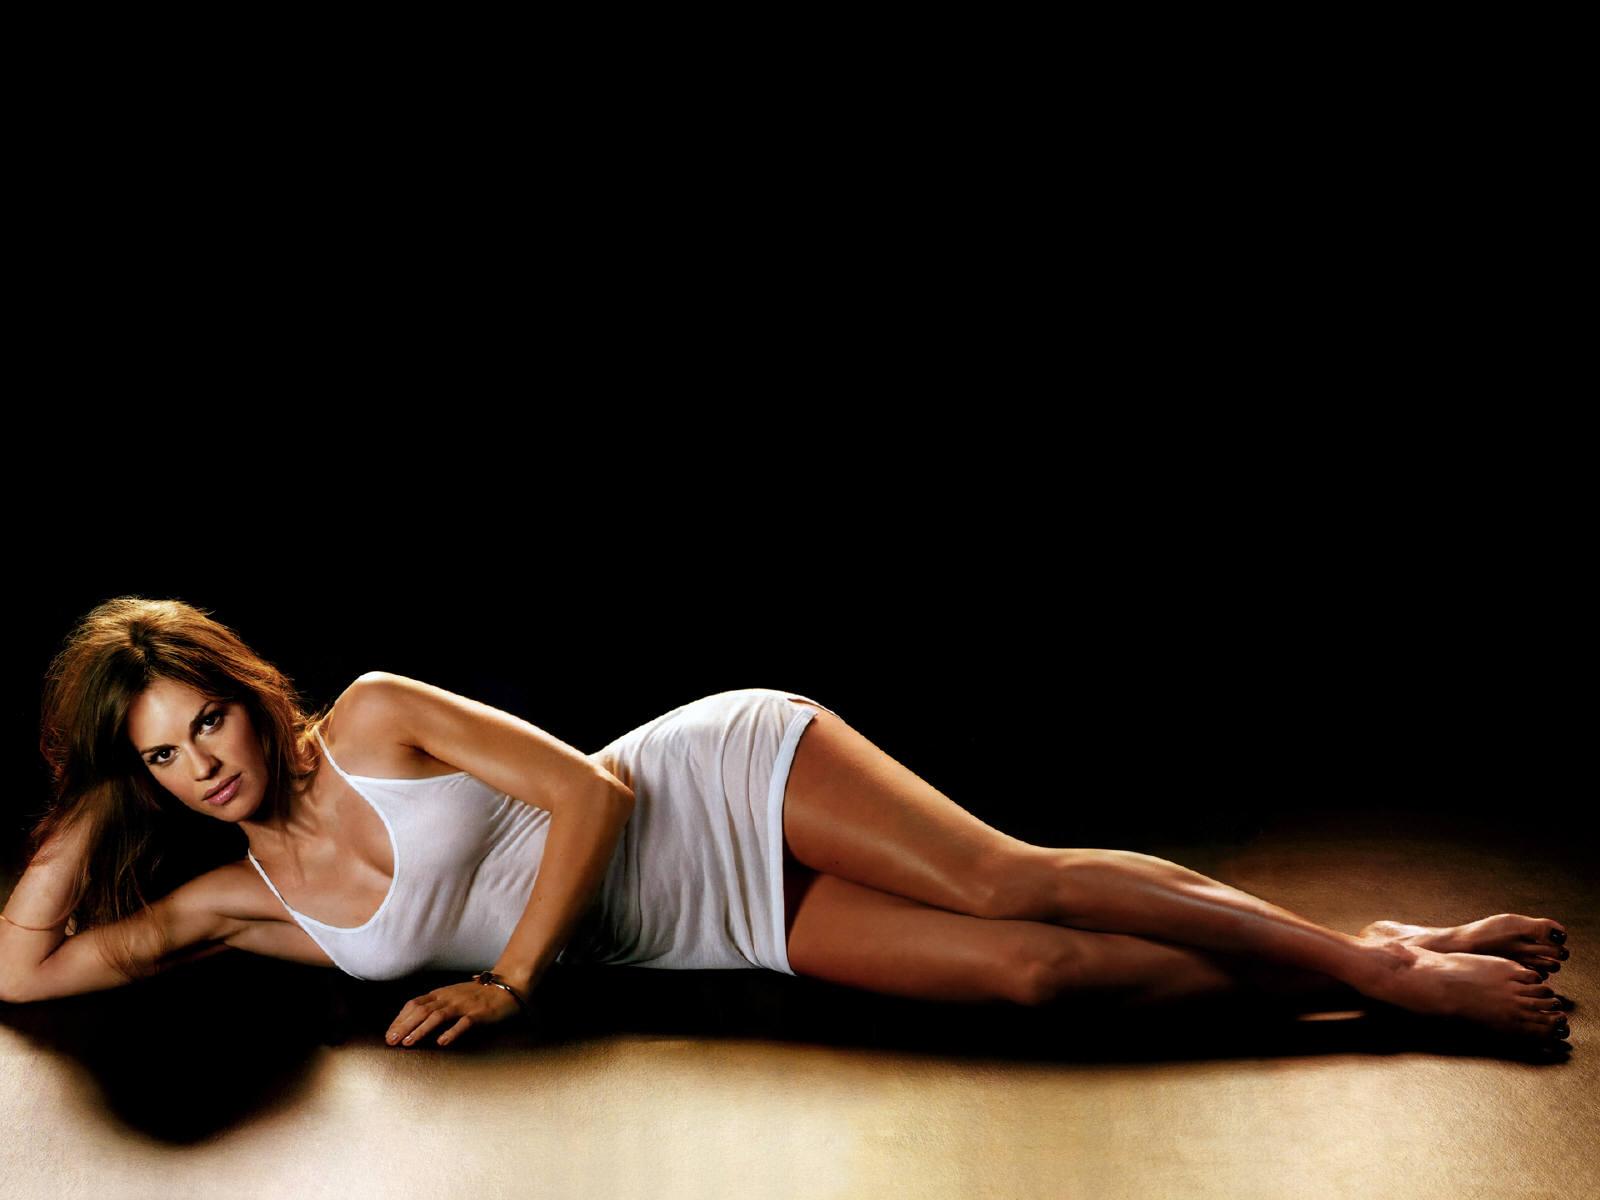 Hilary swank sexy pics